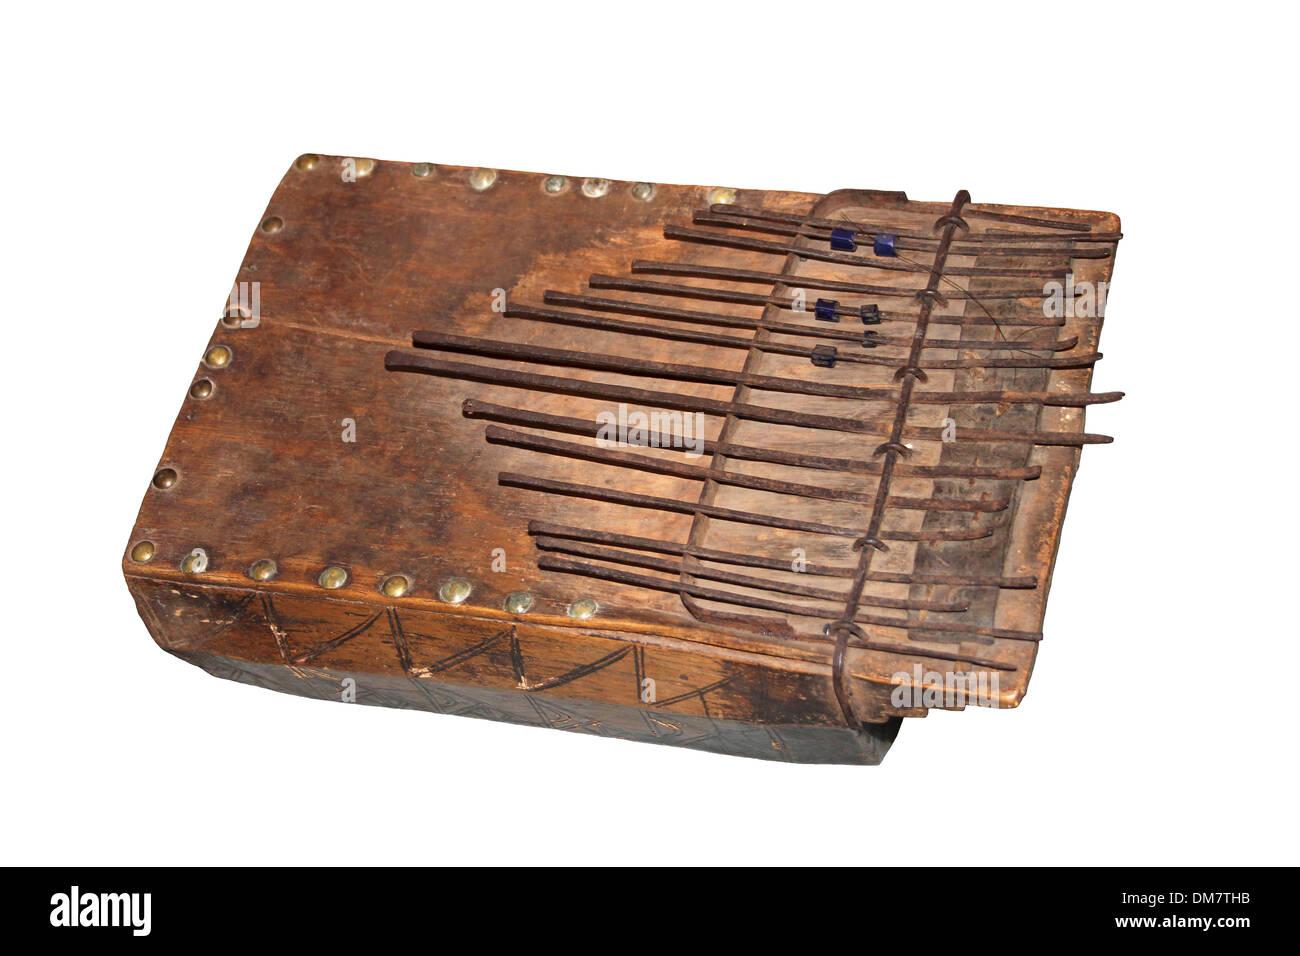 Zanze - a type of thumb piano, Maculla, Angola - Stock Image